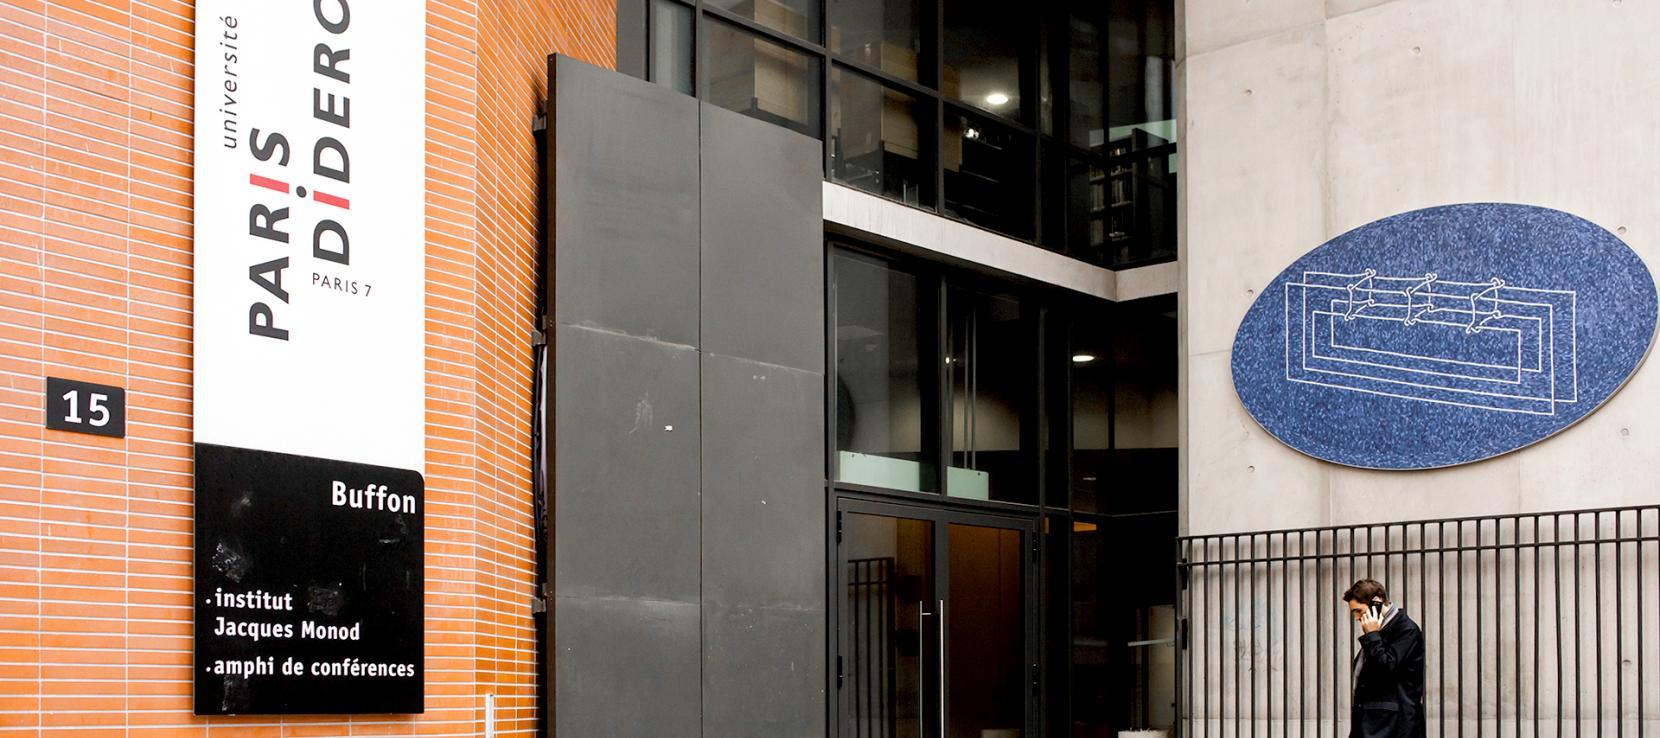 Bâtiment Buffon, campus Paris Rive gauche, entrée côté Brion